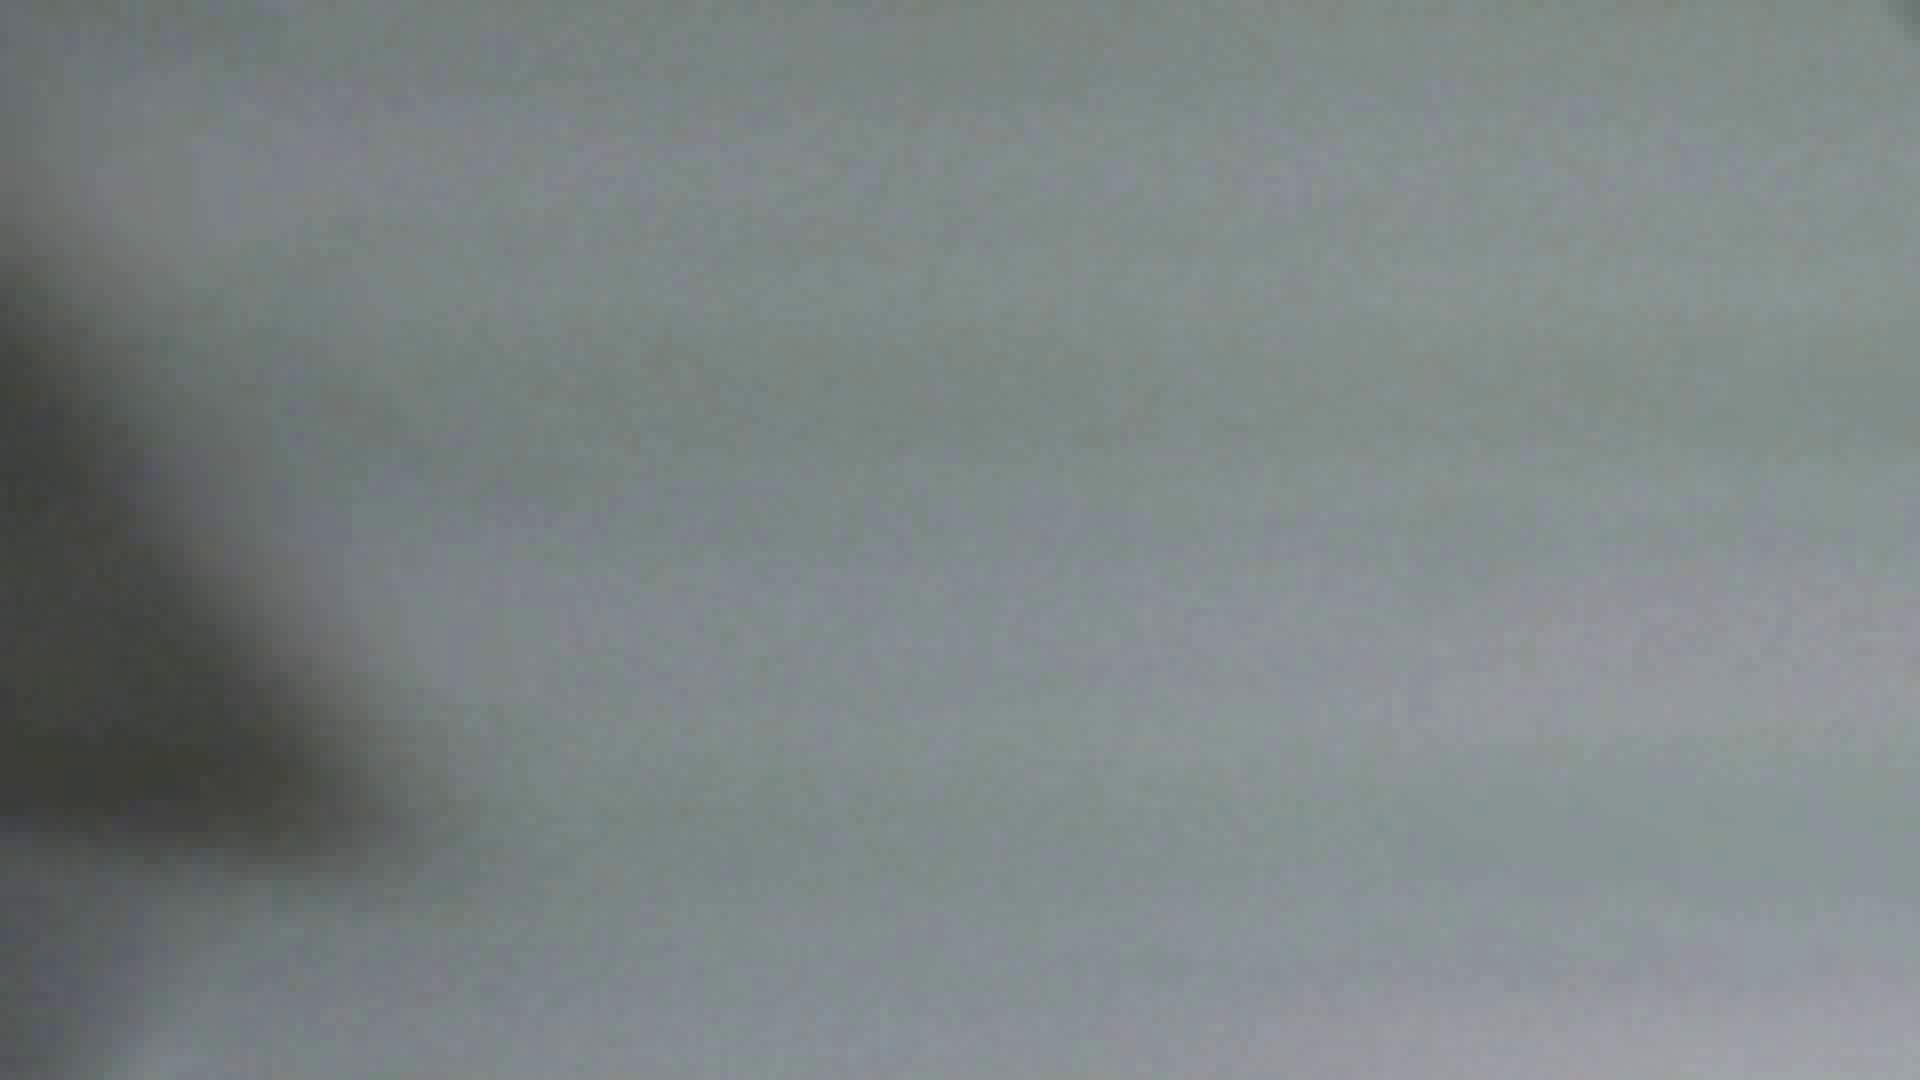 世界の射窓から vol.34 空爆炸裂谢谢 OL | 美人コレクション  83連発 29